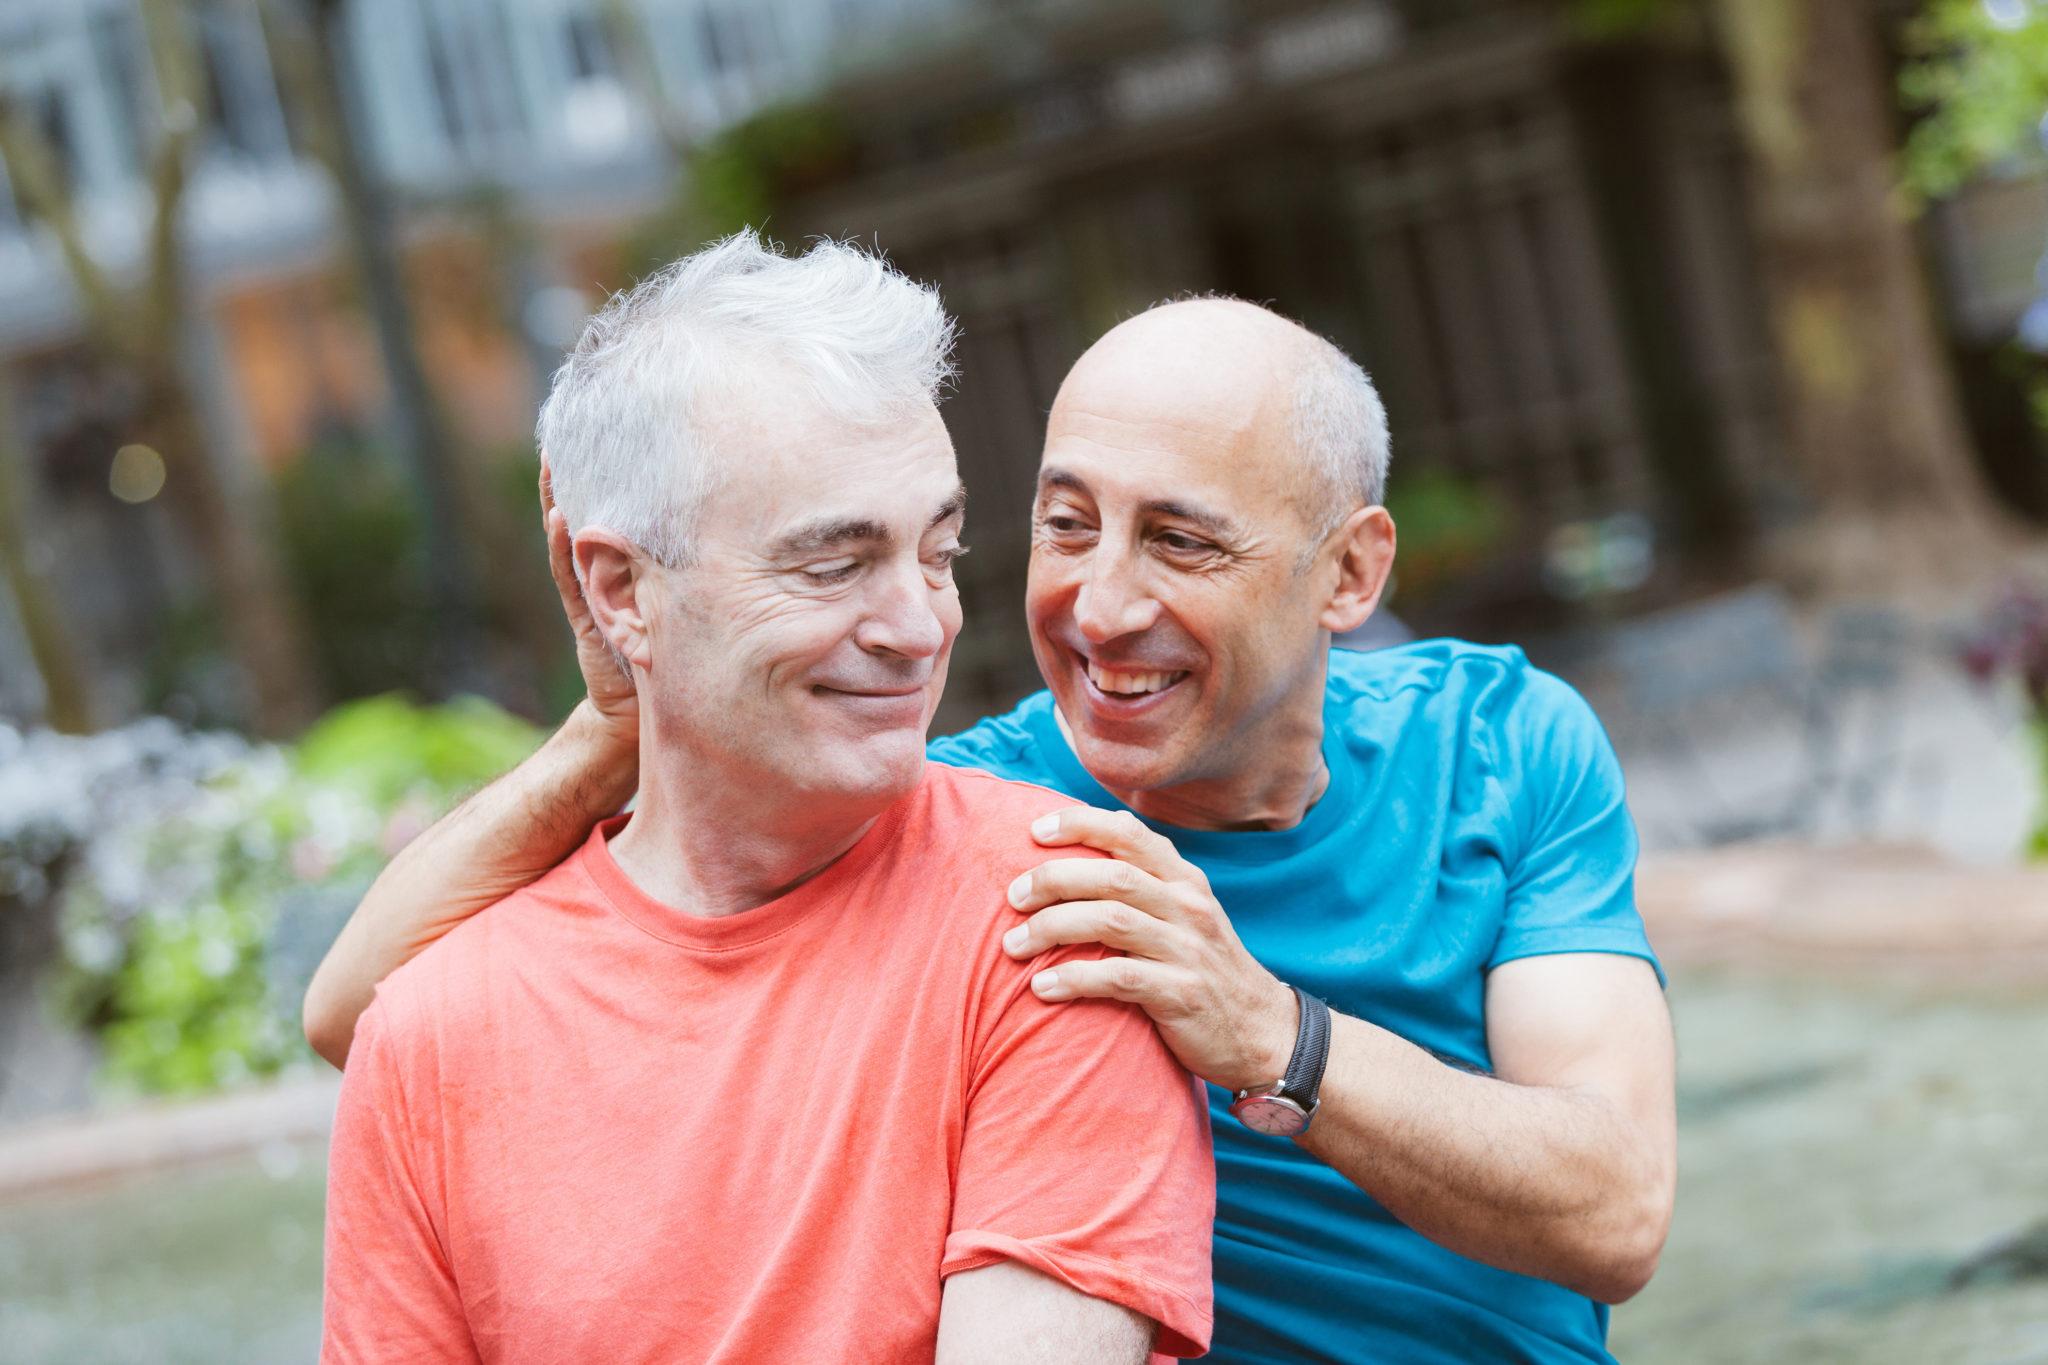 Ein schwules Paar gemeinsam im Park.